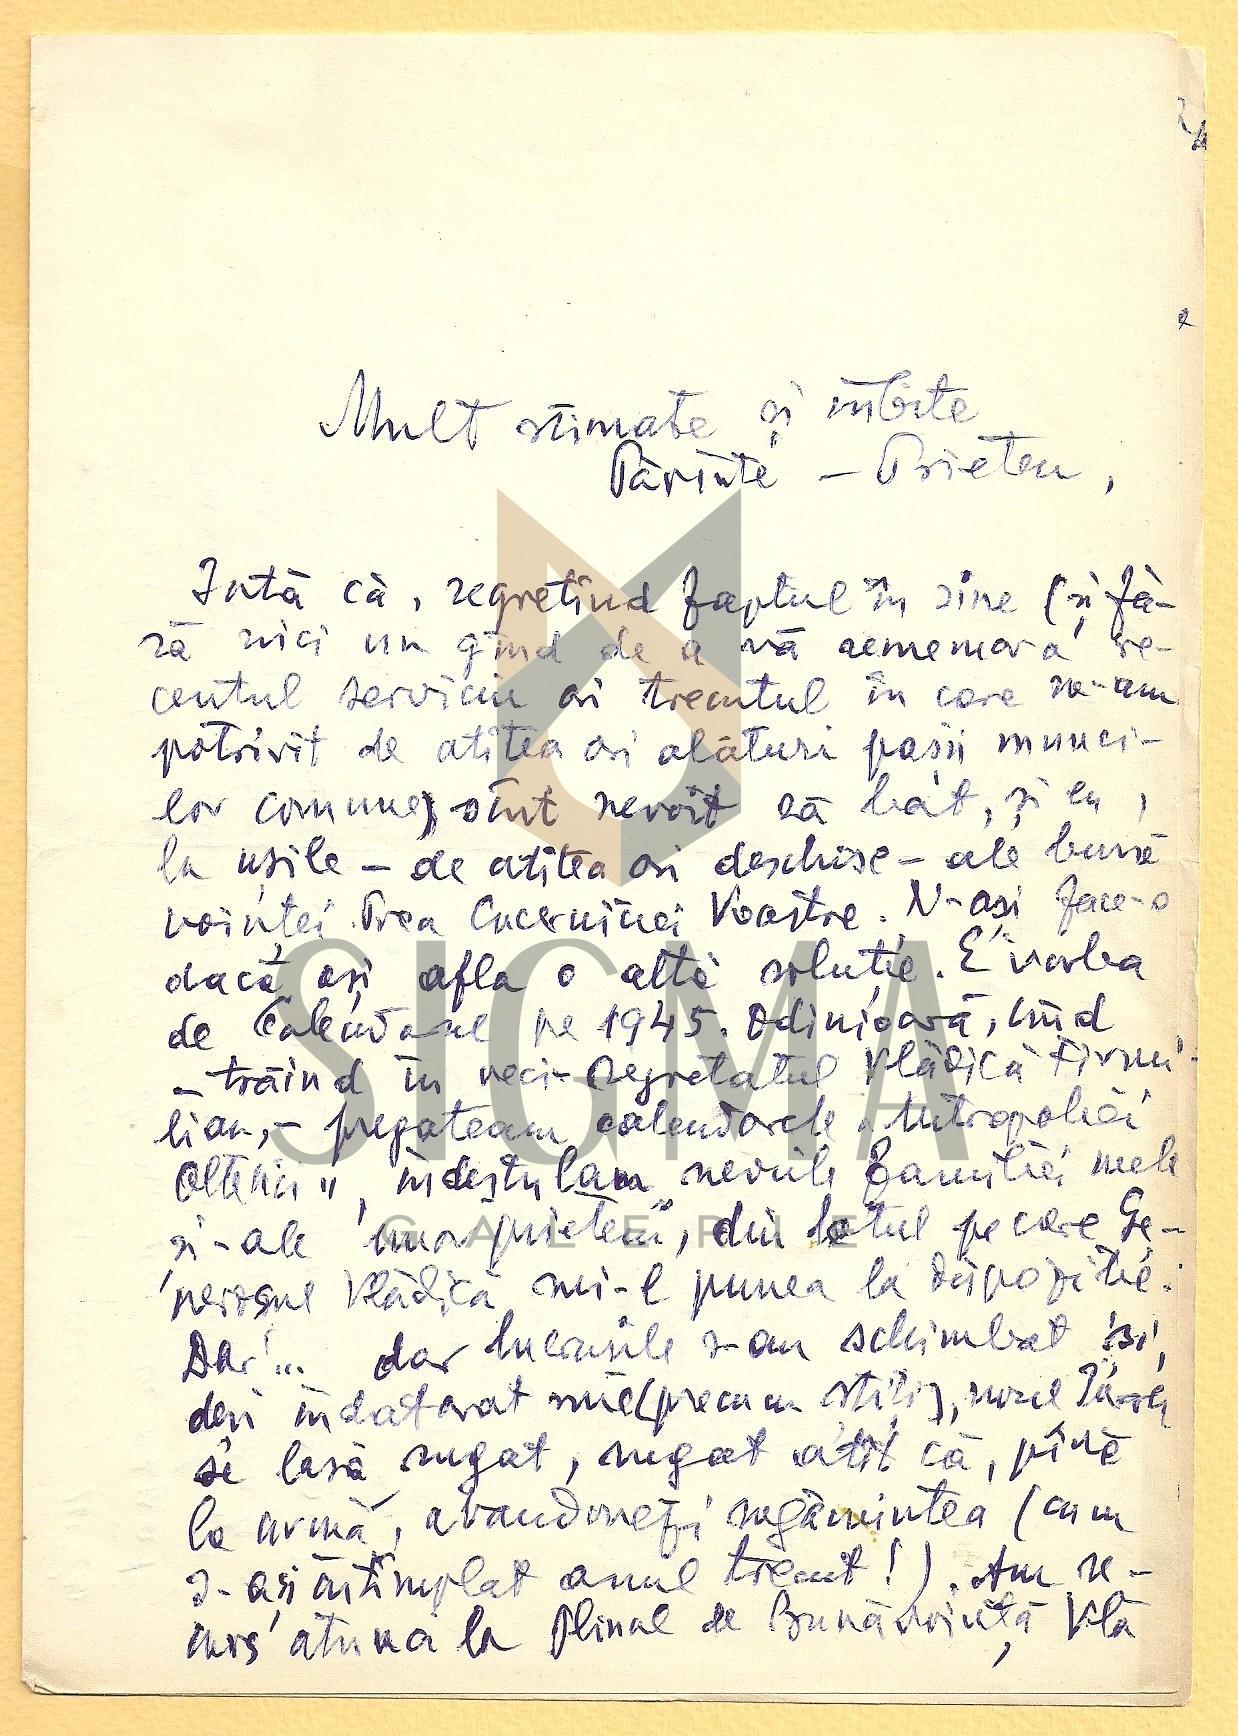 SCRISOARE, AL. BADAUTA CATRE PREOTUL I. MURESANU, 1 AUG. 1965